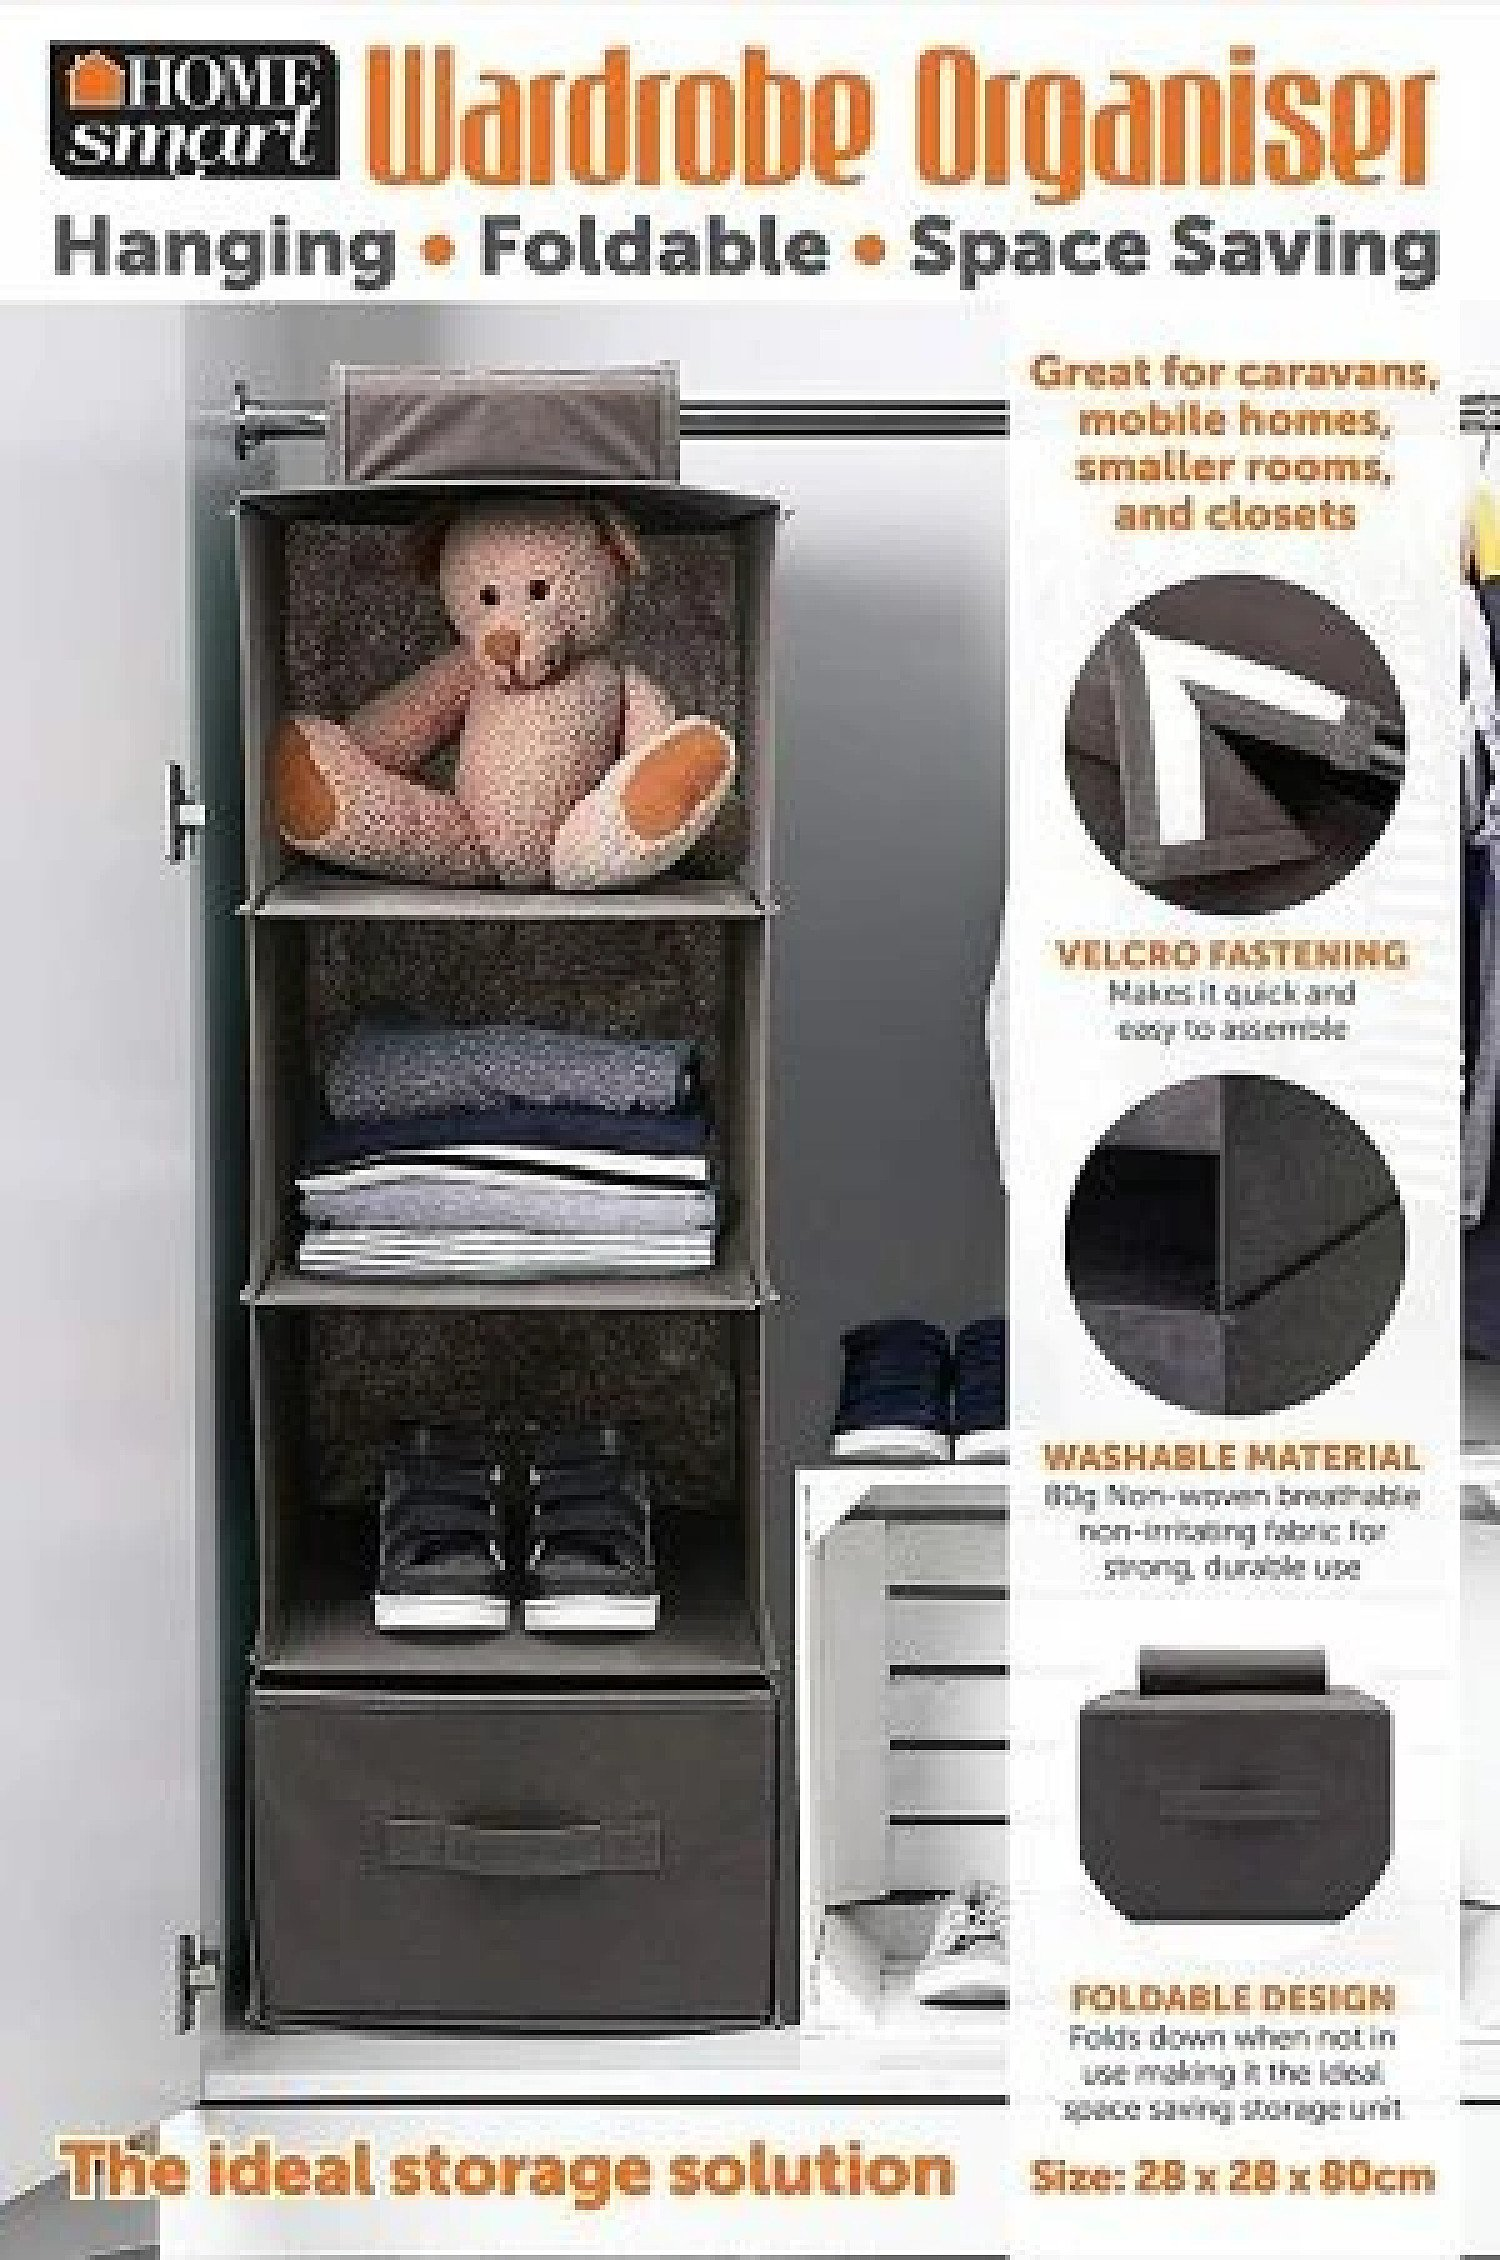 4 Pocket Organizer Shelves Hanging Wardrobe Space Saver Tidy Closet Free Postage